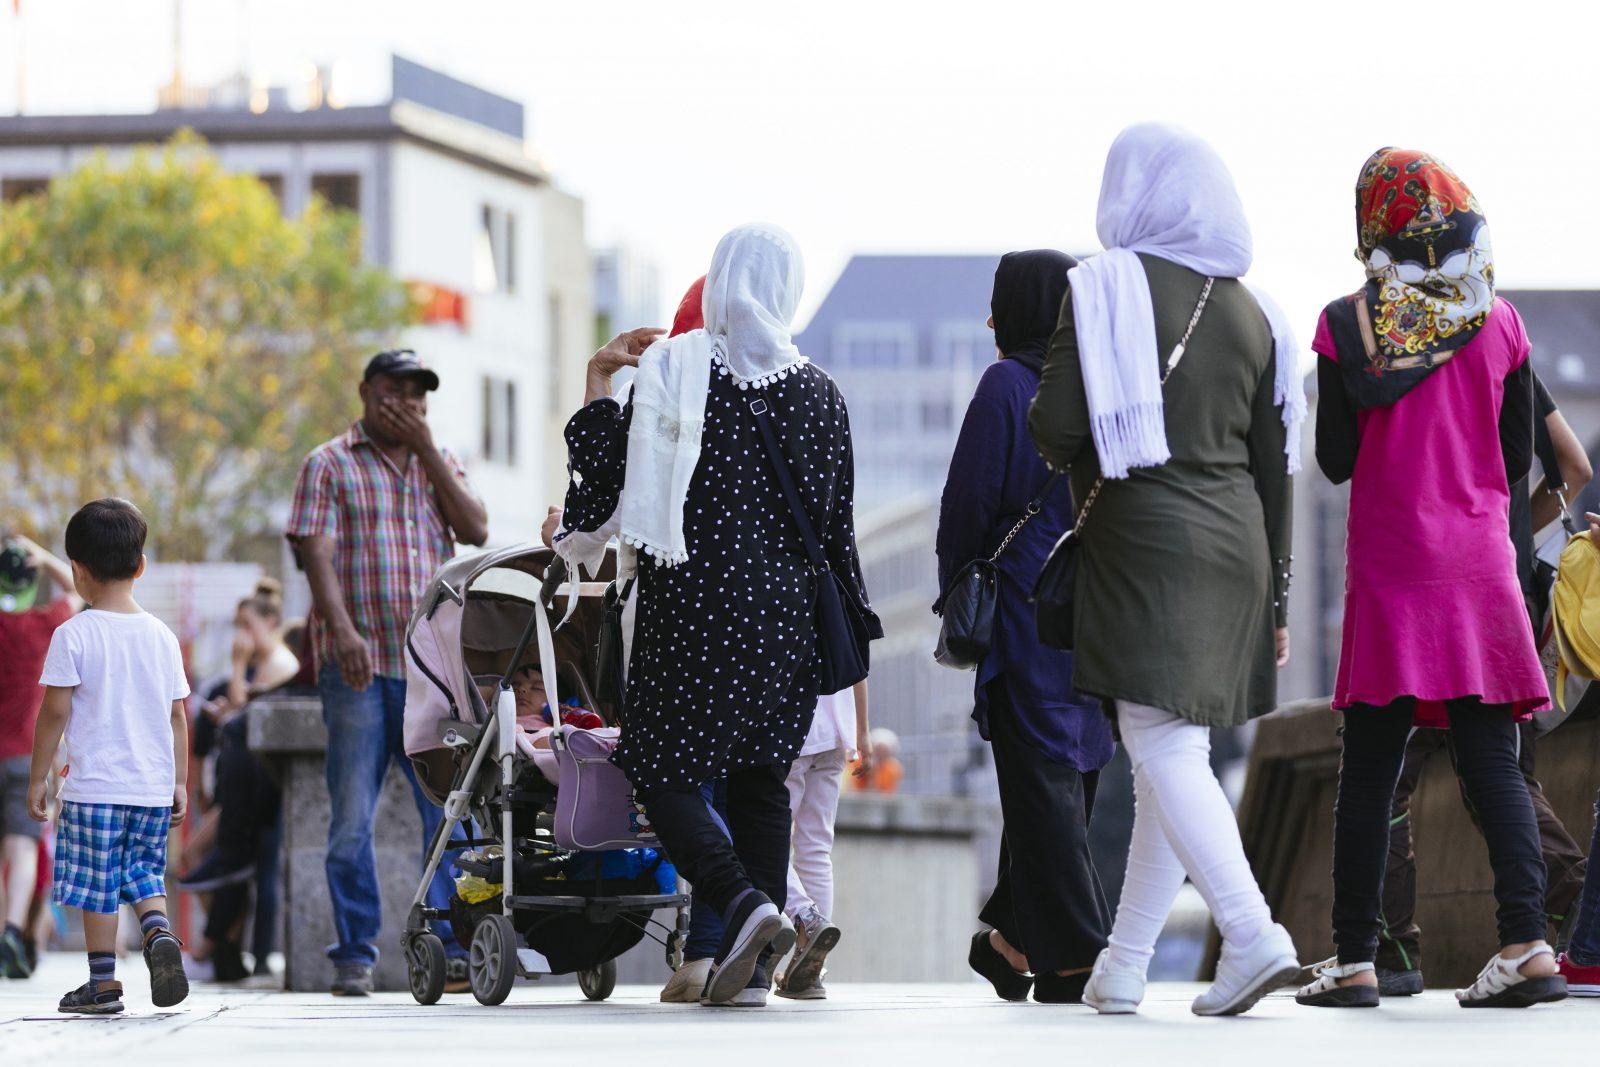 Frauen mit Kindern: Migrationspolitiker der SPD wollen den Familiennachzug ausweiten